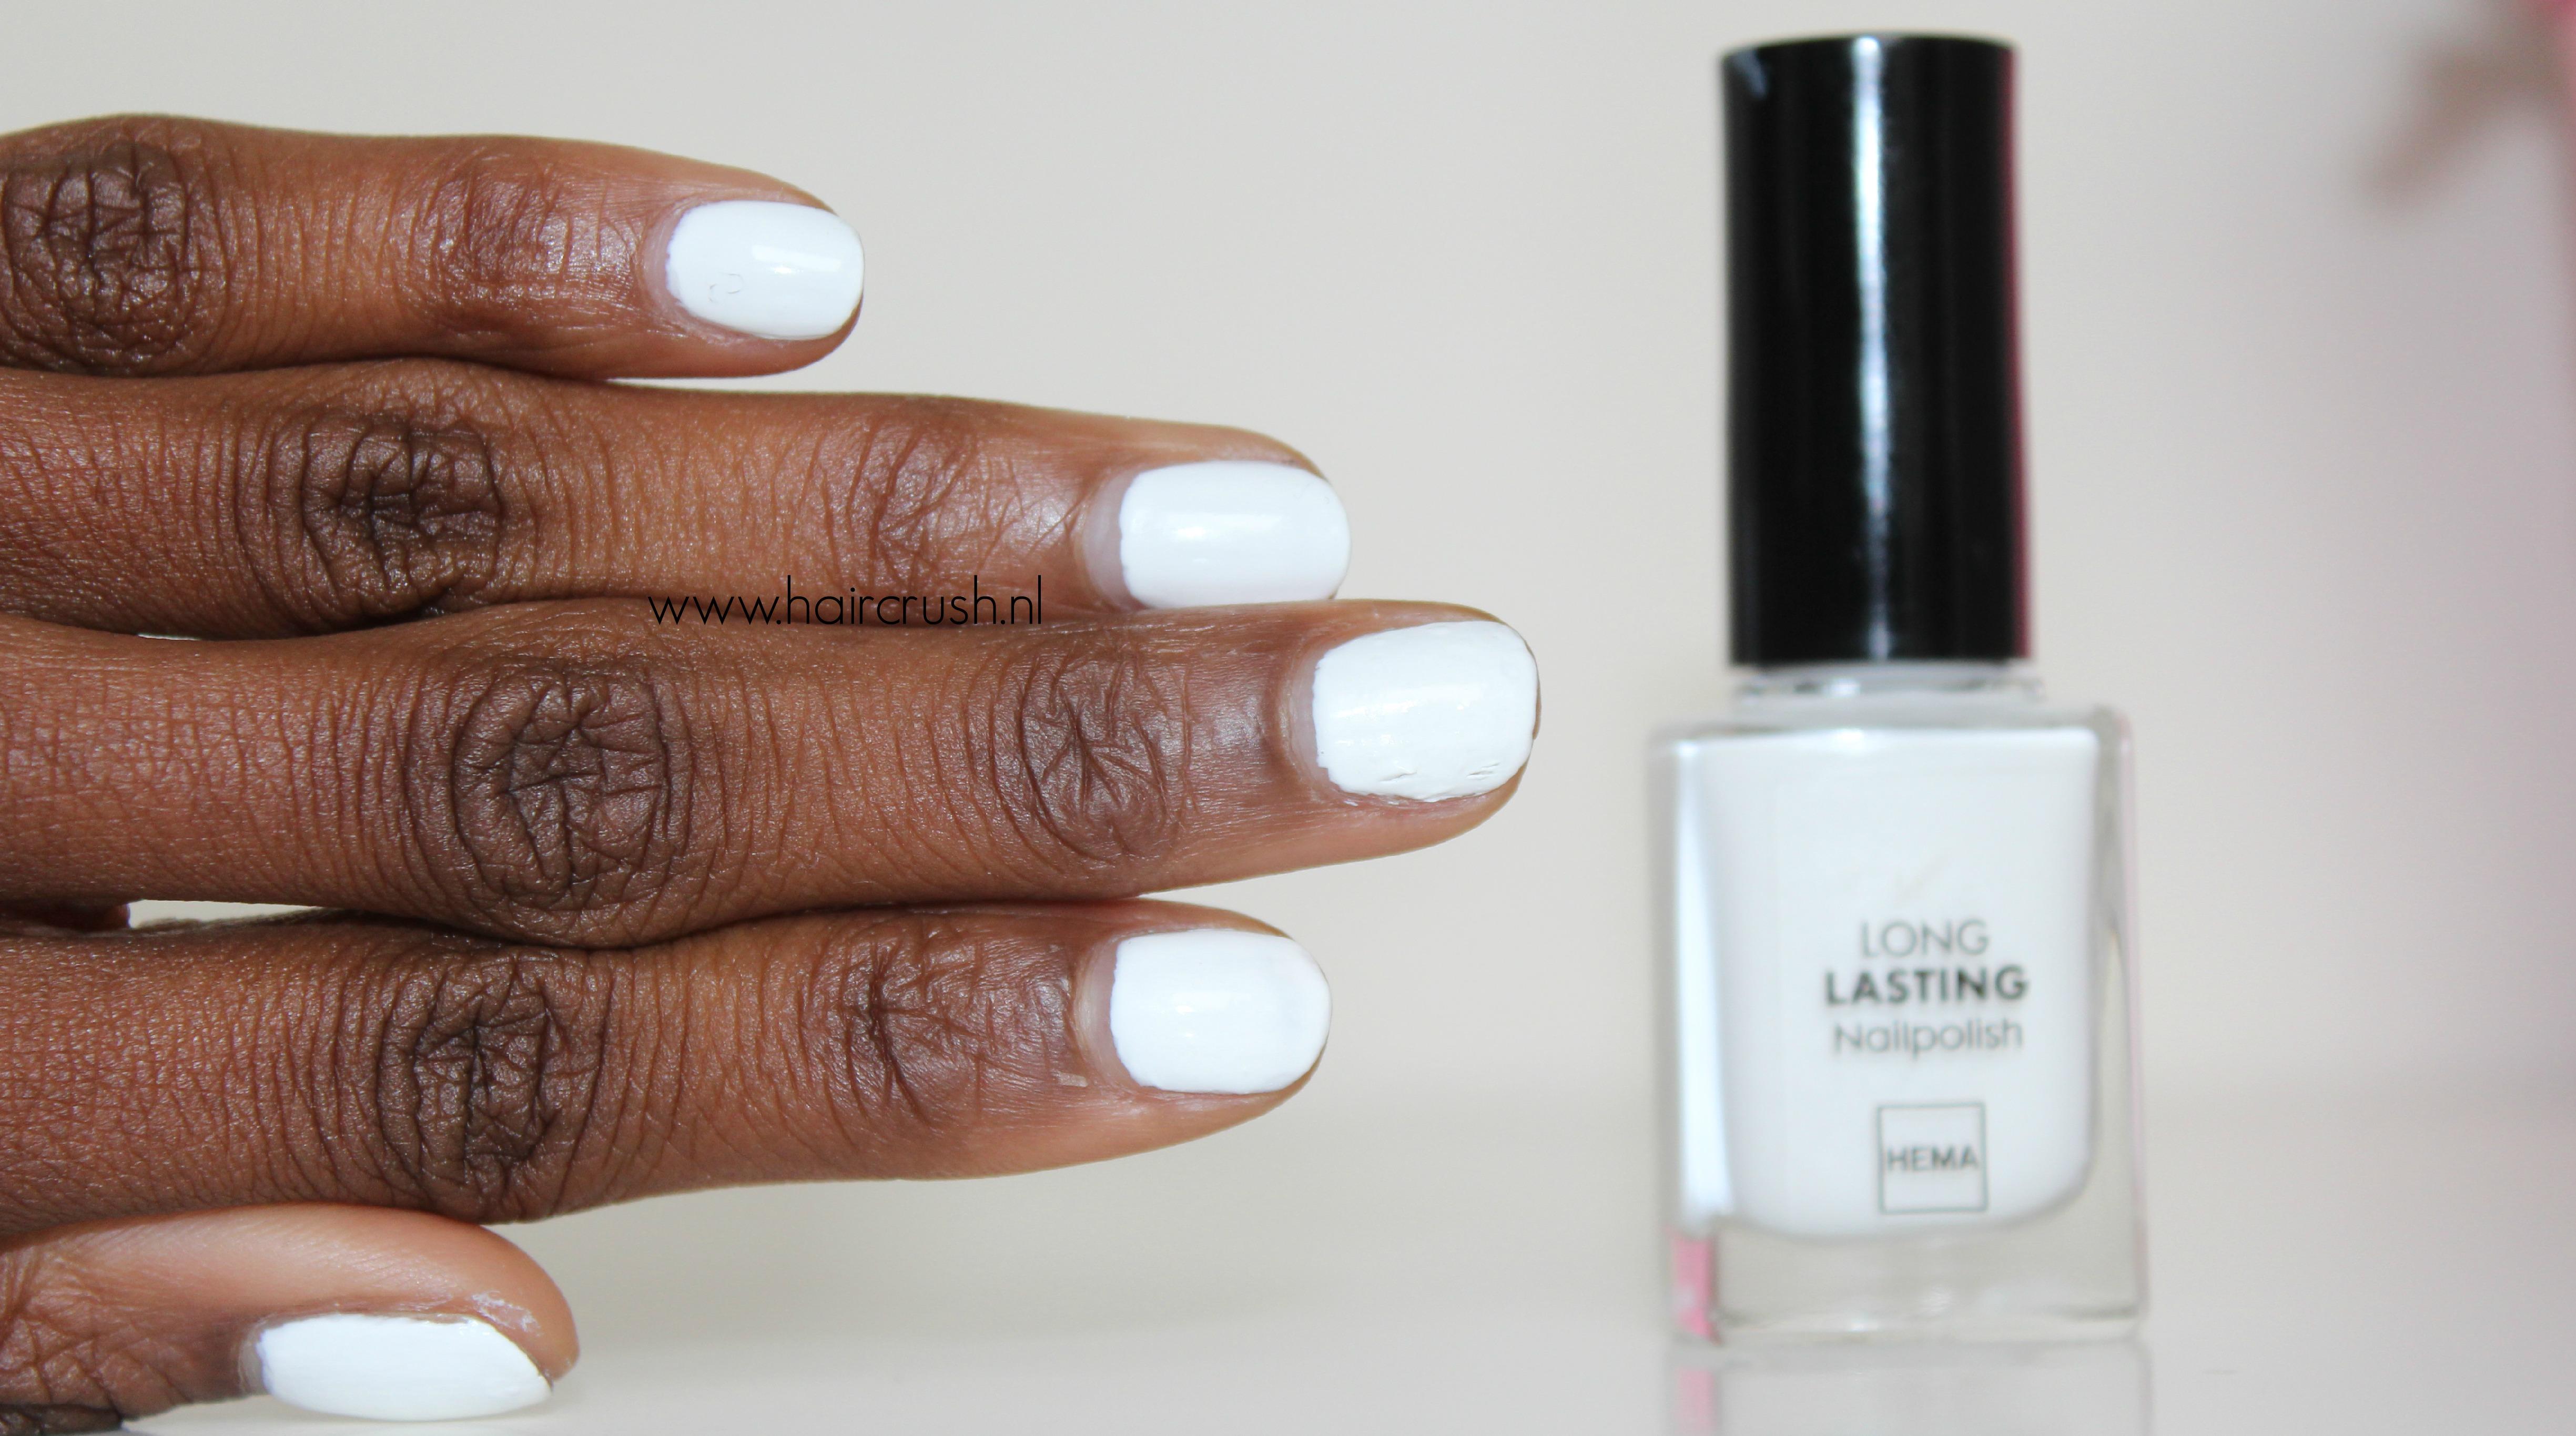 hema witte nagellak